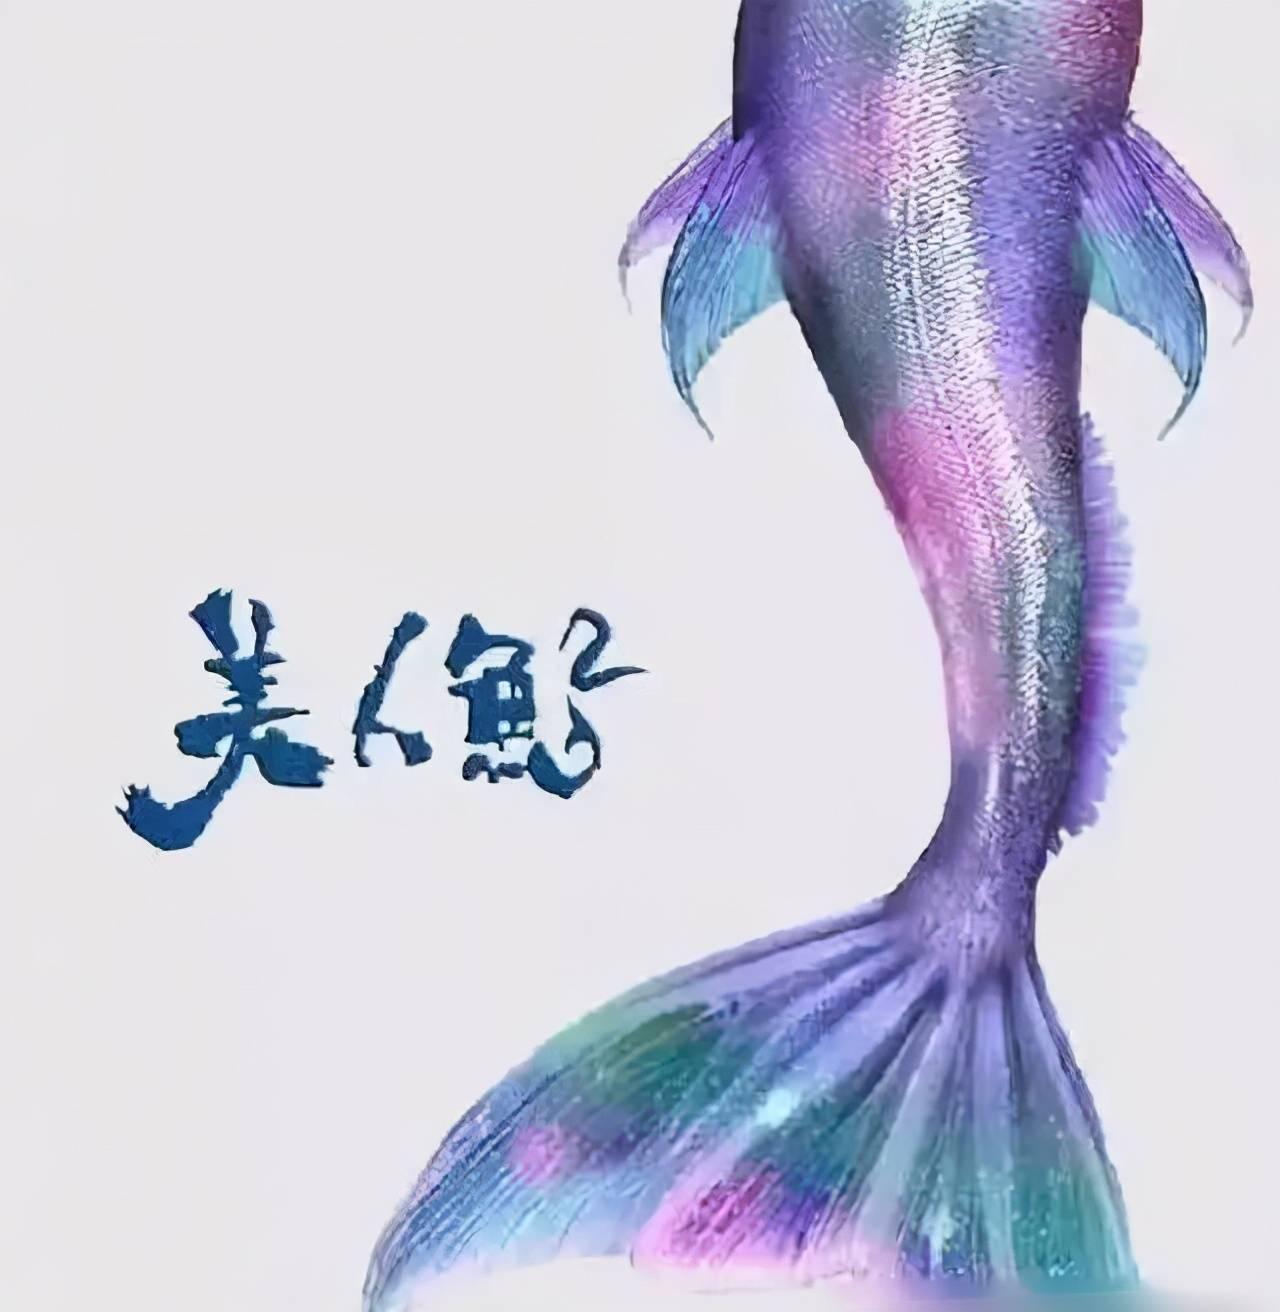 [电影资讯]《美人鱼2》今年上映,女主林允男主艾伦,缝缝补补拍了三年